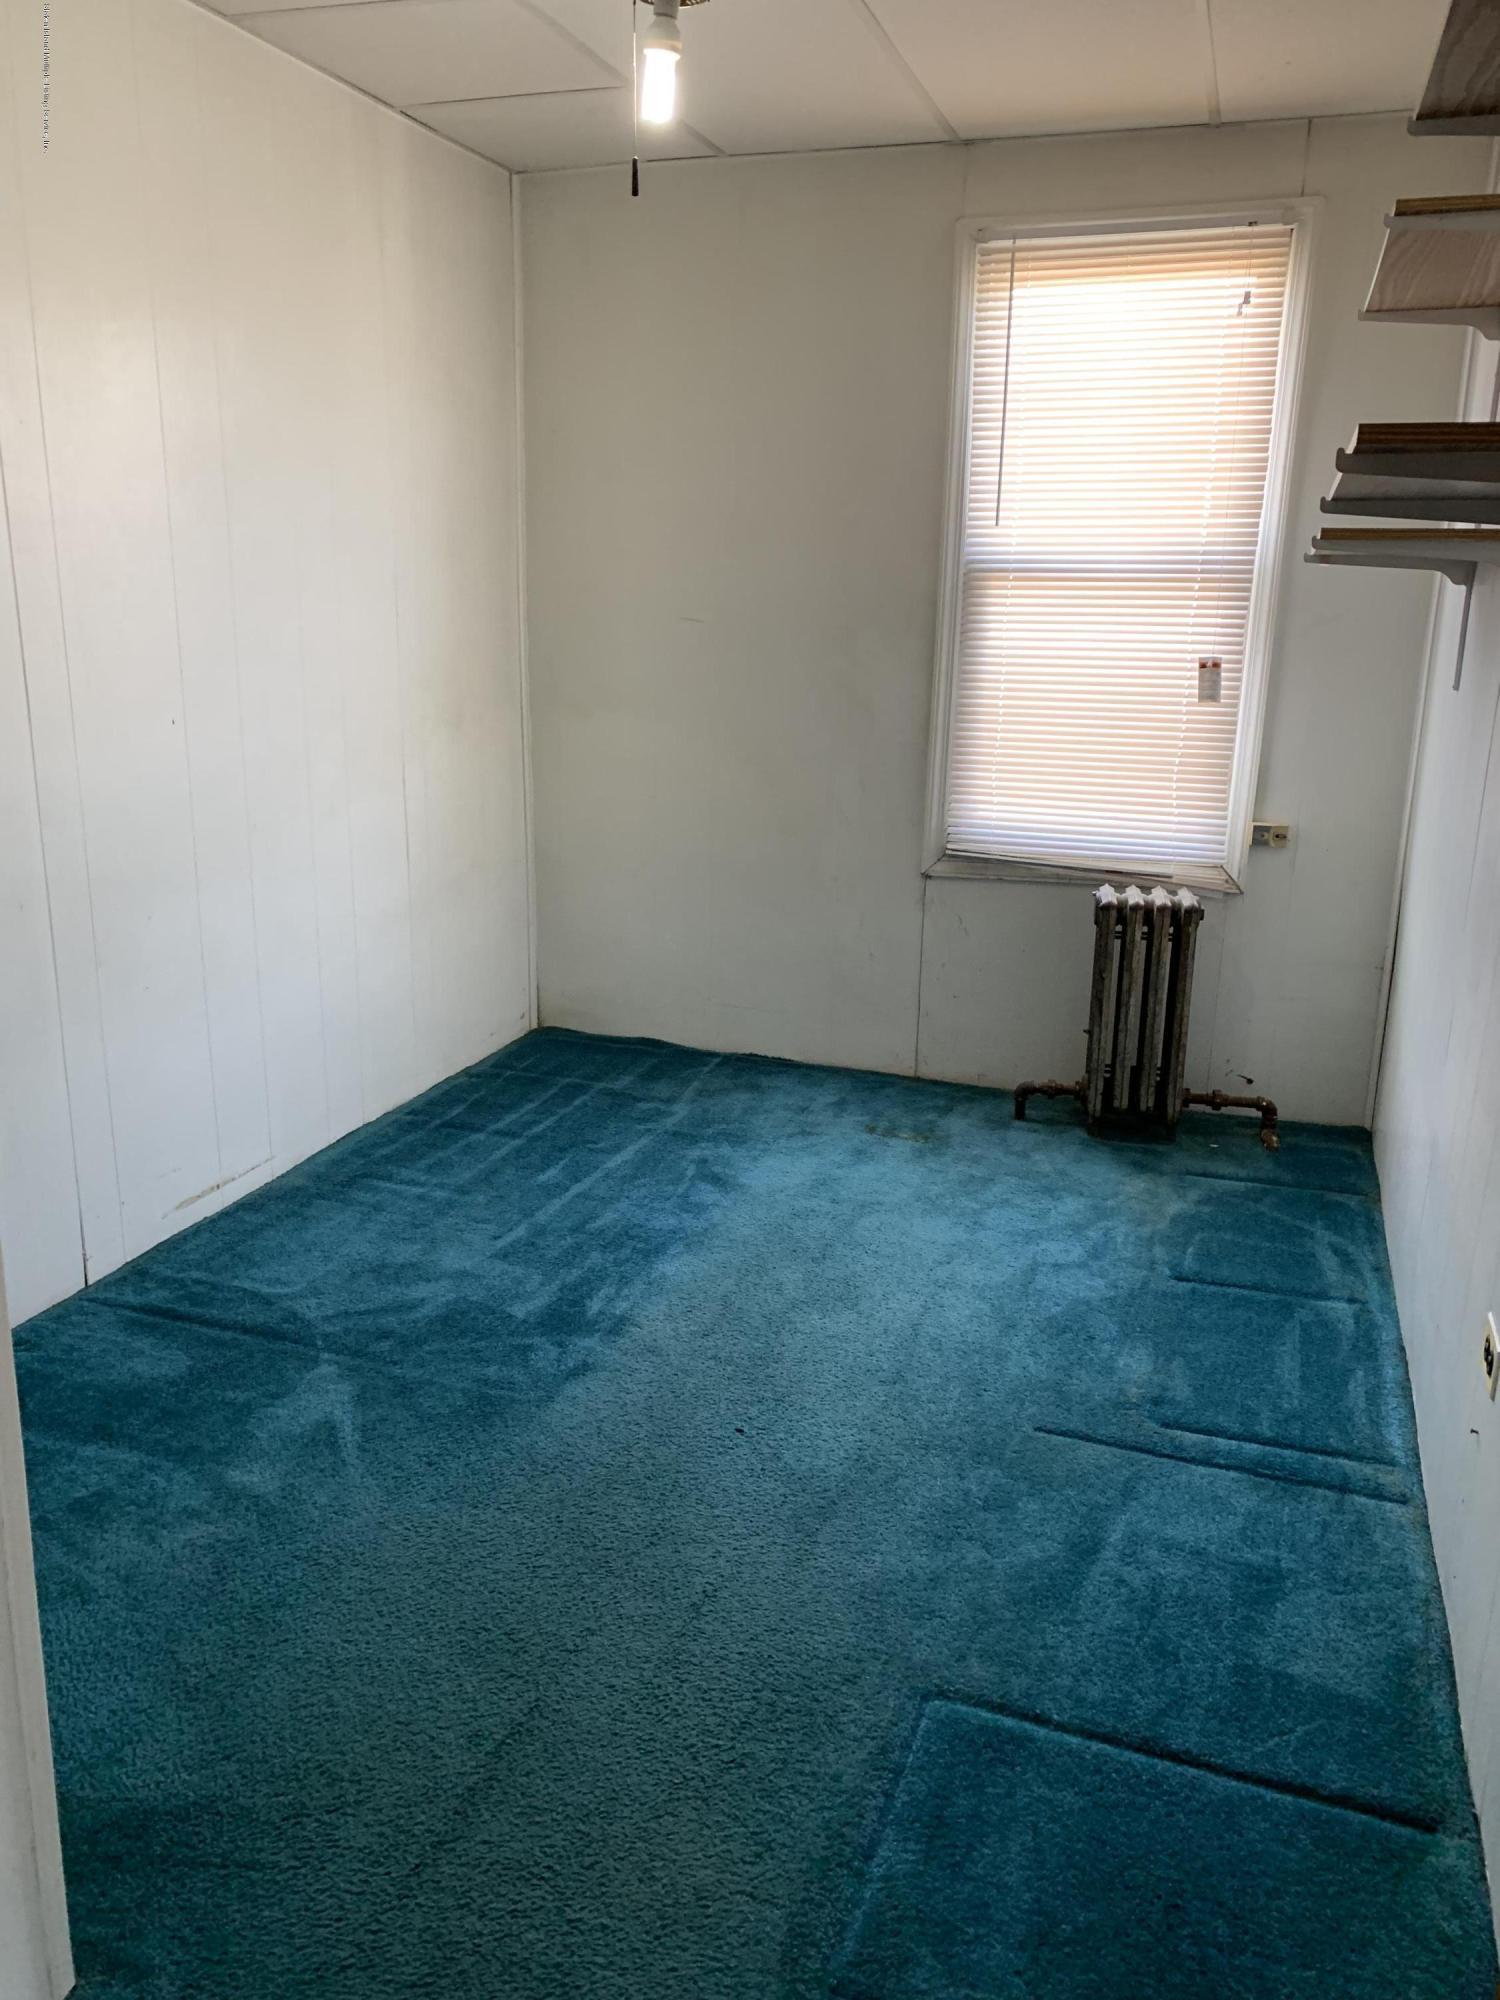 Single Family - Detached 152 Bay 53rd Street  Brooklyn, NY 11214, MLS-1125954-16